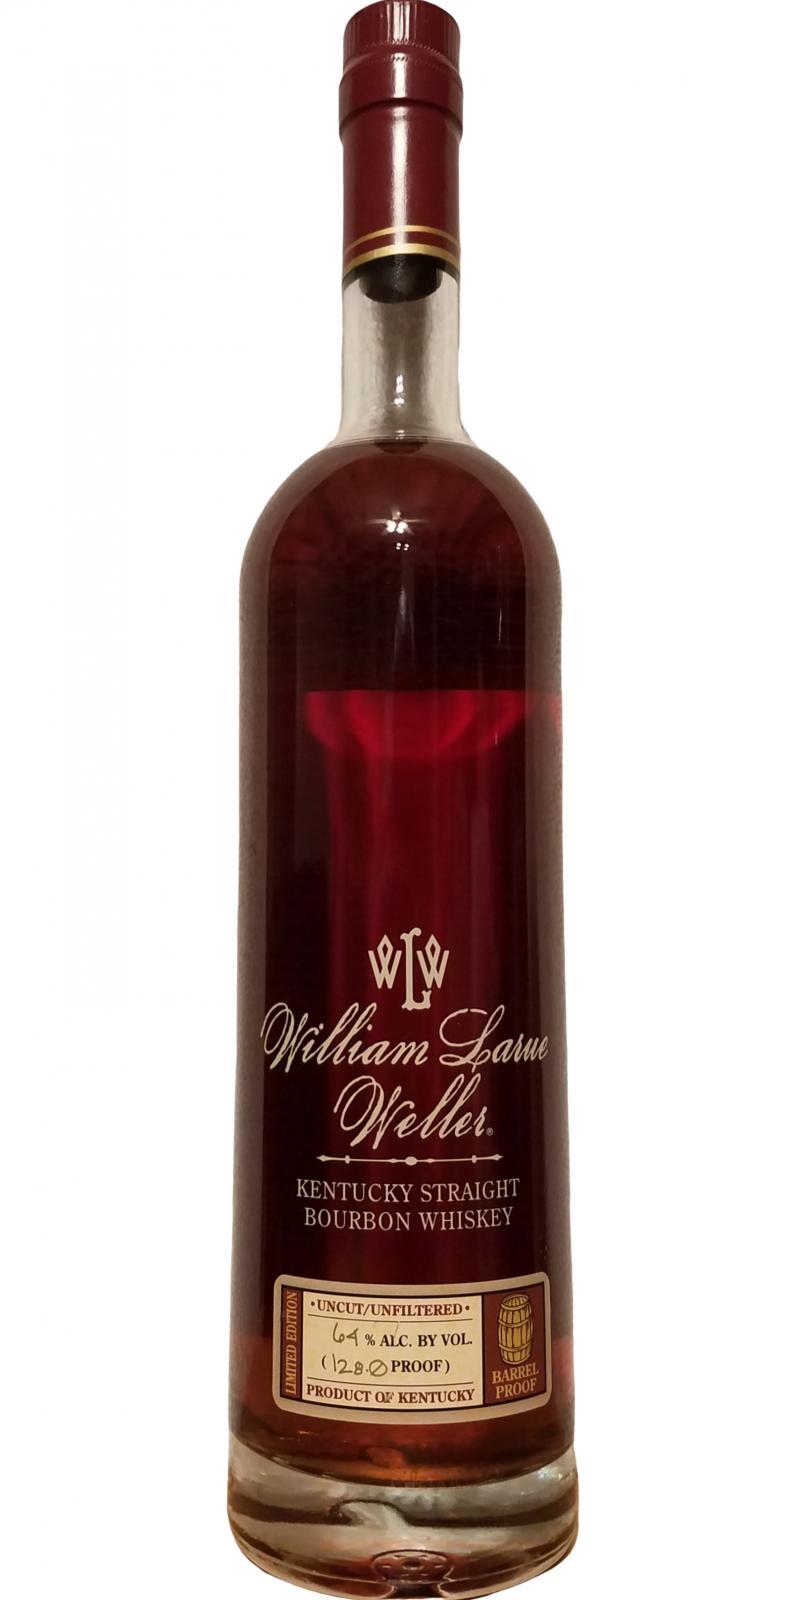 William Larue Weller 2007 - Barrel Proof